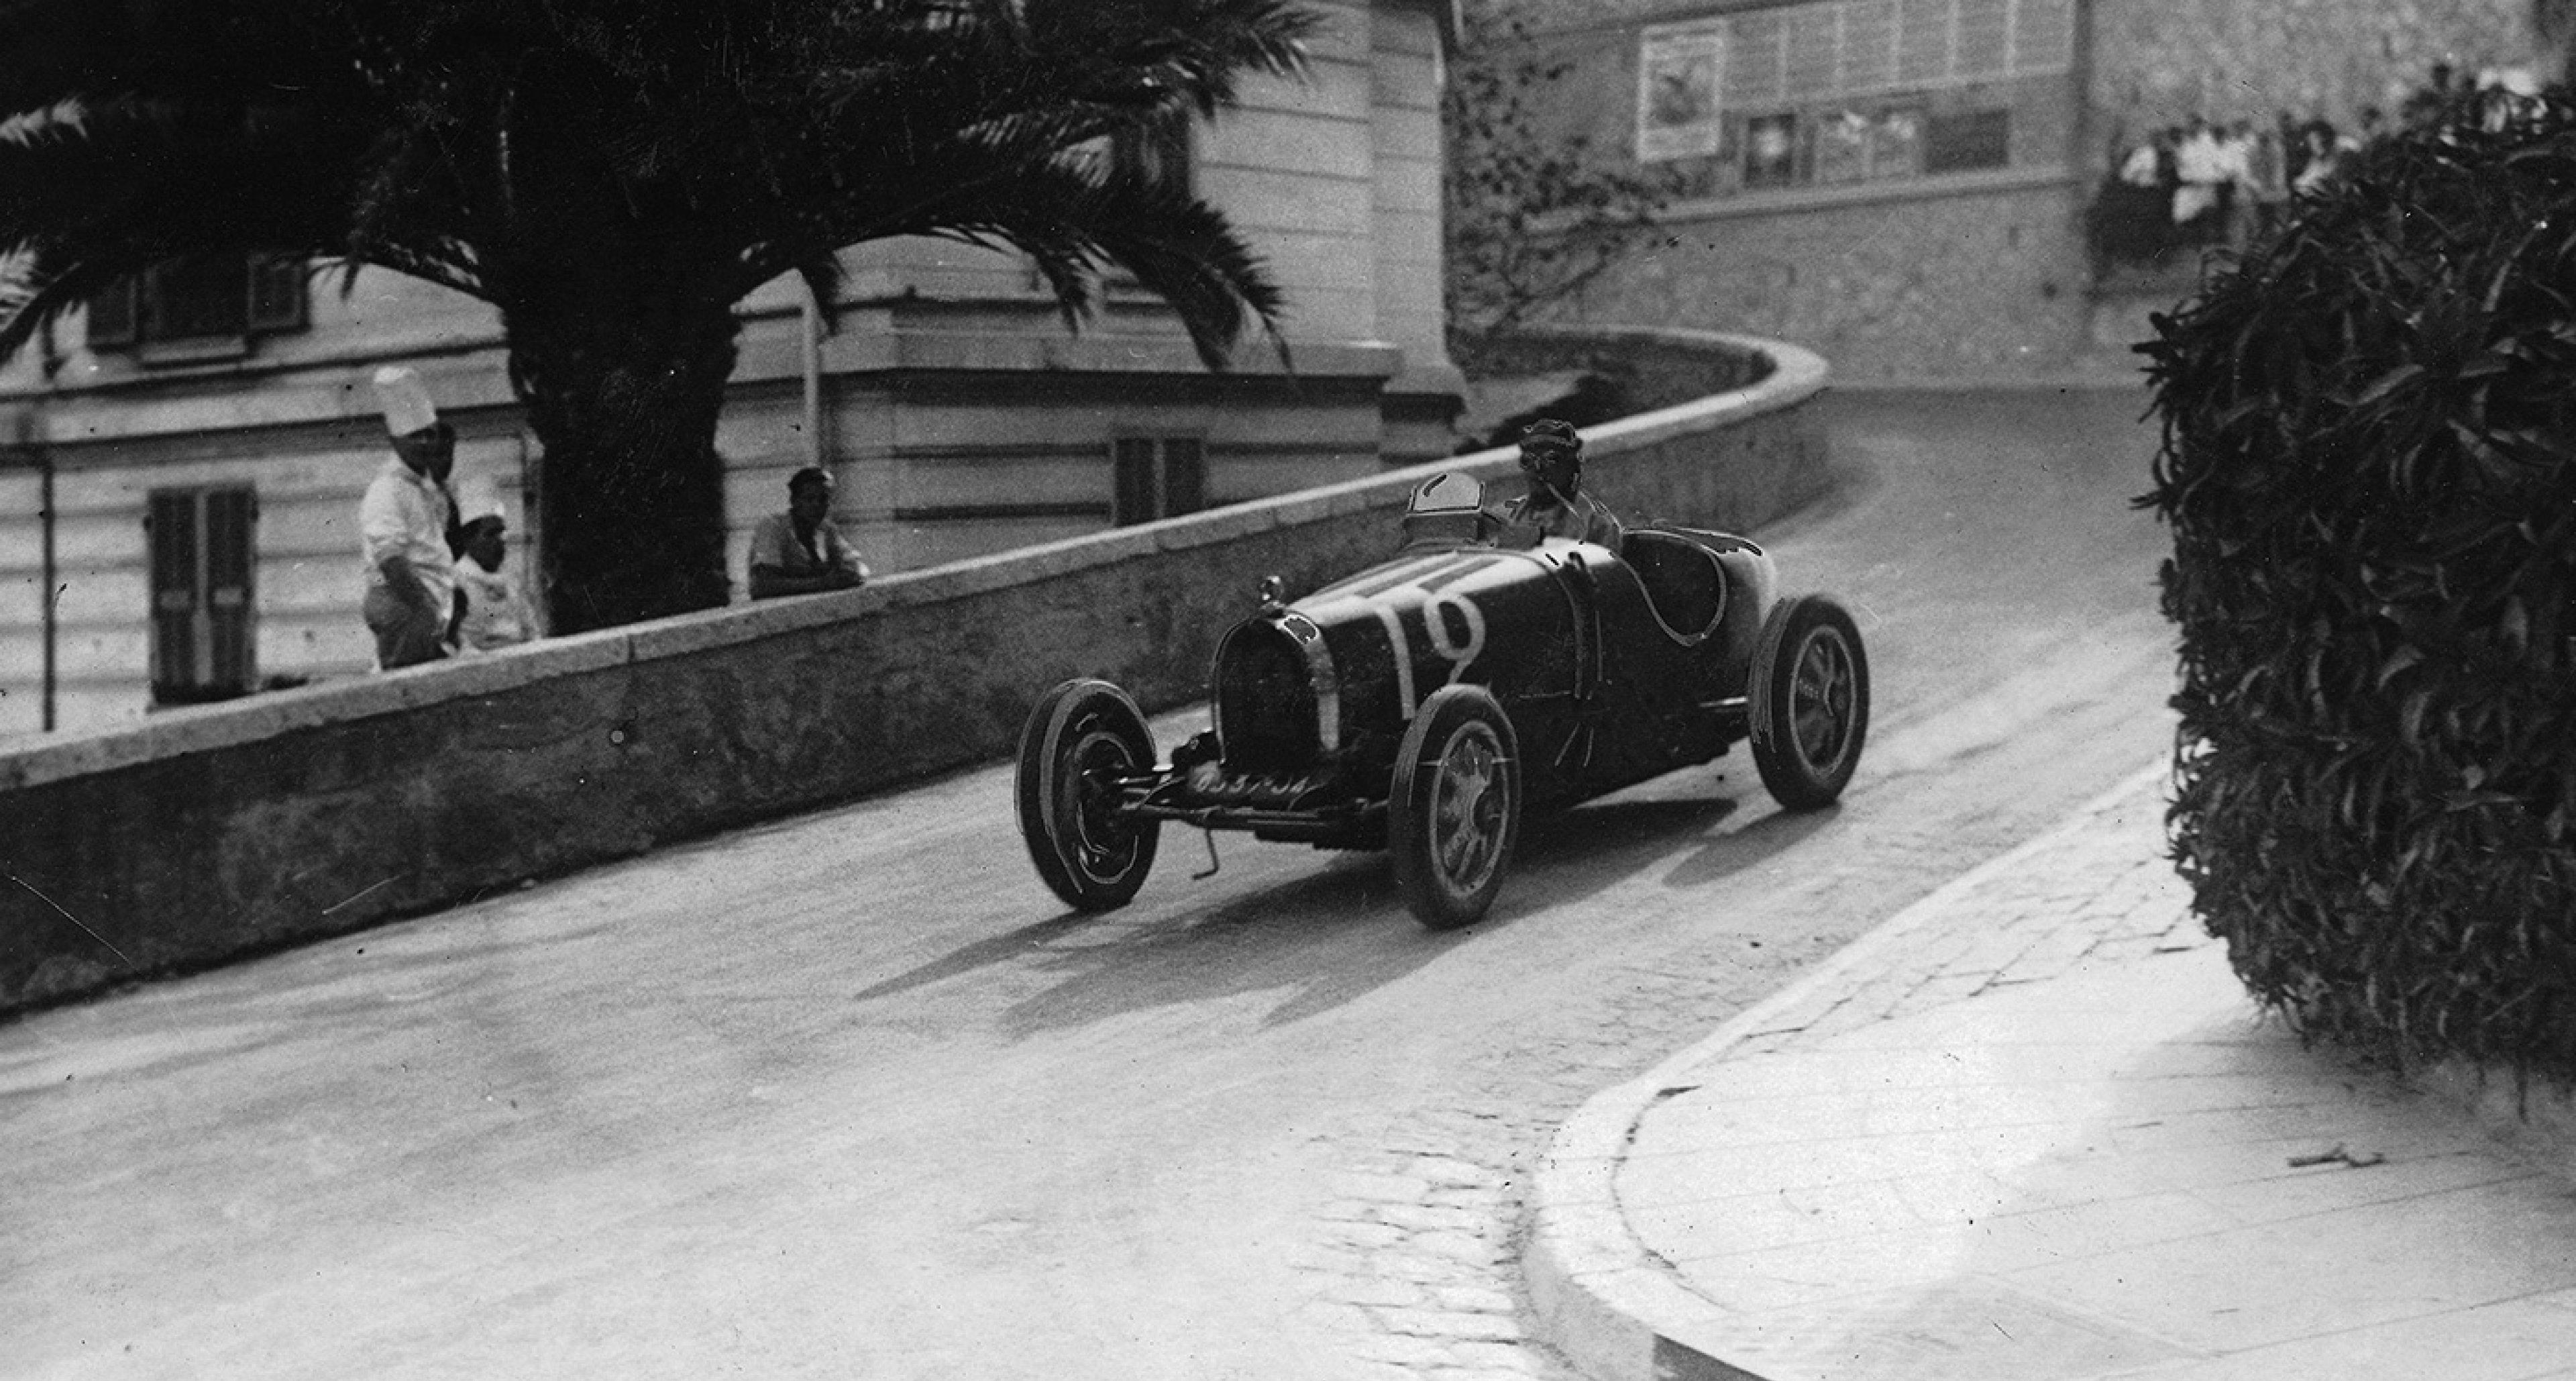 The Bugatti of William Grover-Williams at the 1929 Monaco GP